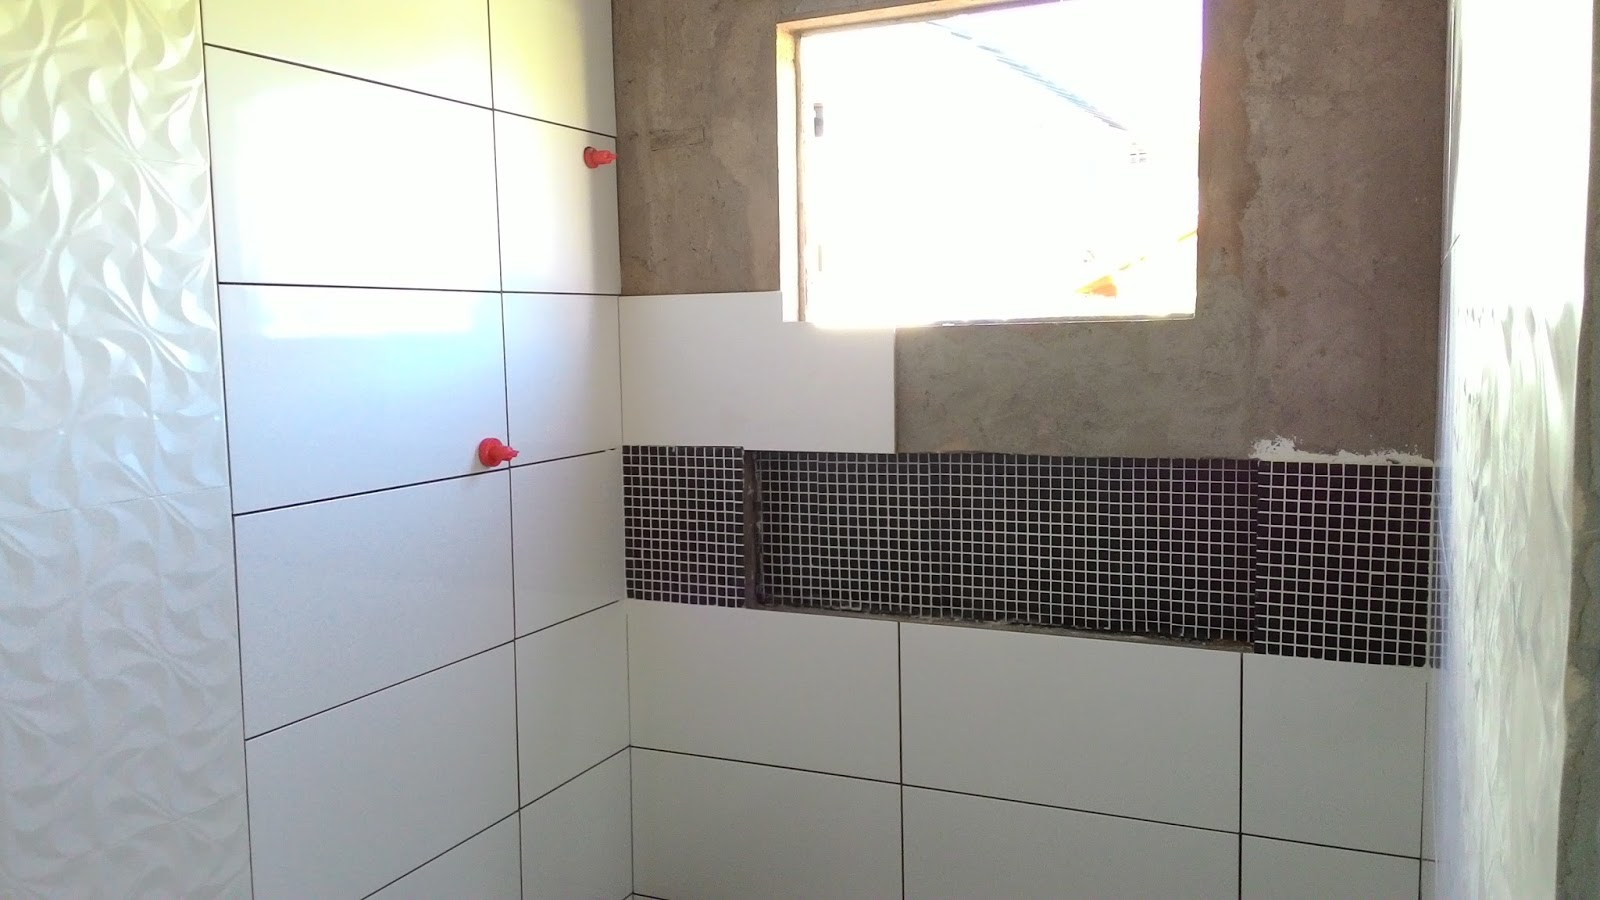 Imagens de #7D784E  Sonhado: Atualização do banheiro (Pastilhas de vidro pigmentado 1600x900 px 2358 Box De Vidro Banheiro Porto Alegre